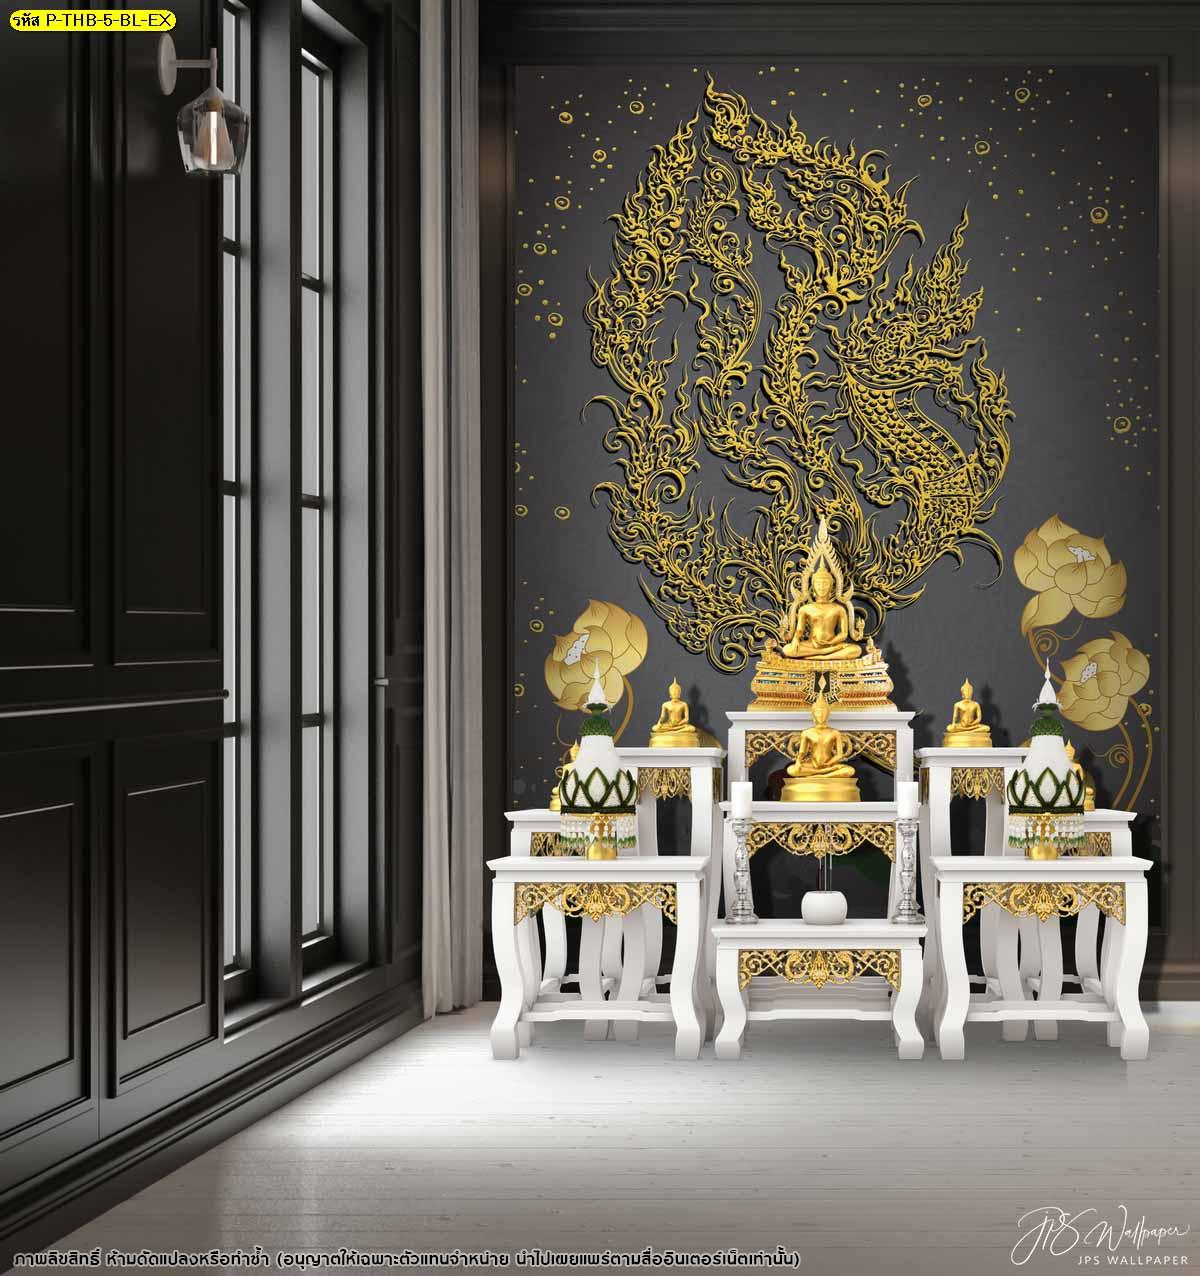 วอลเปเปอร์ติดผนังลายไทย แต่งห้องพระภาพสั่งทำ ภาพสั่งพิมพ์วอลเปเปอร์เต็มต้น